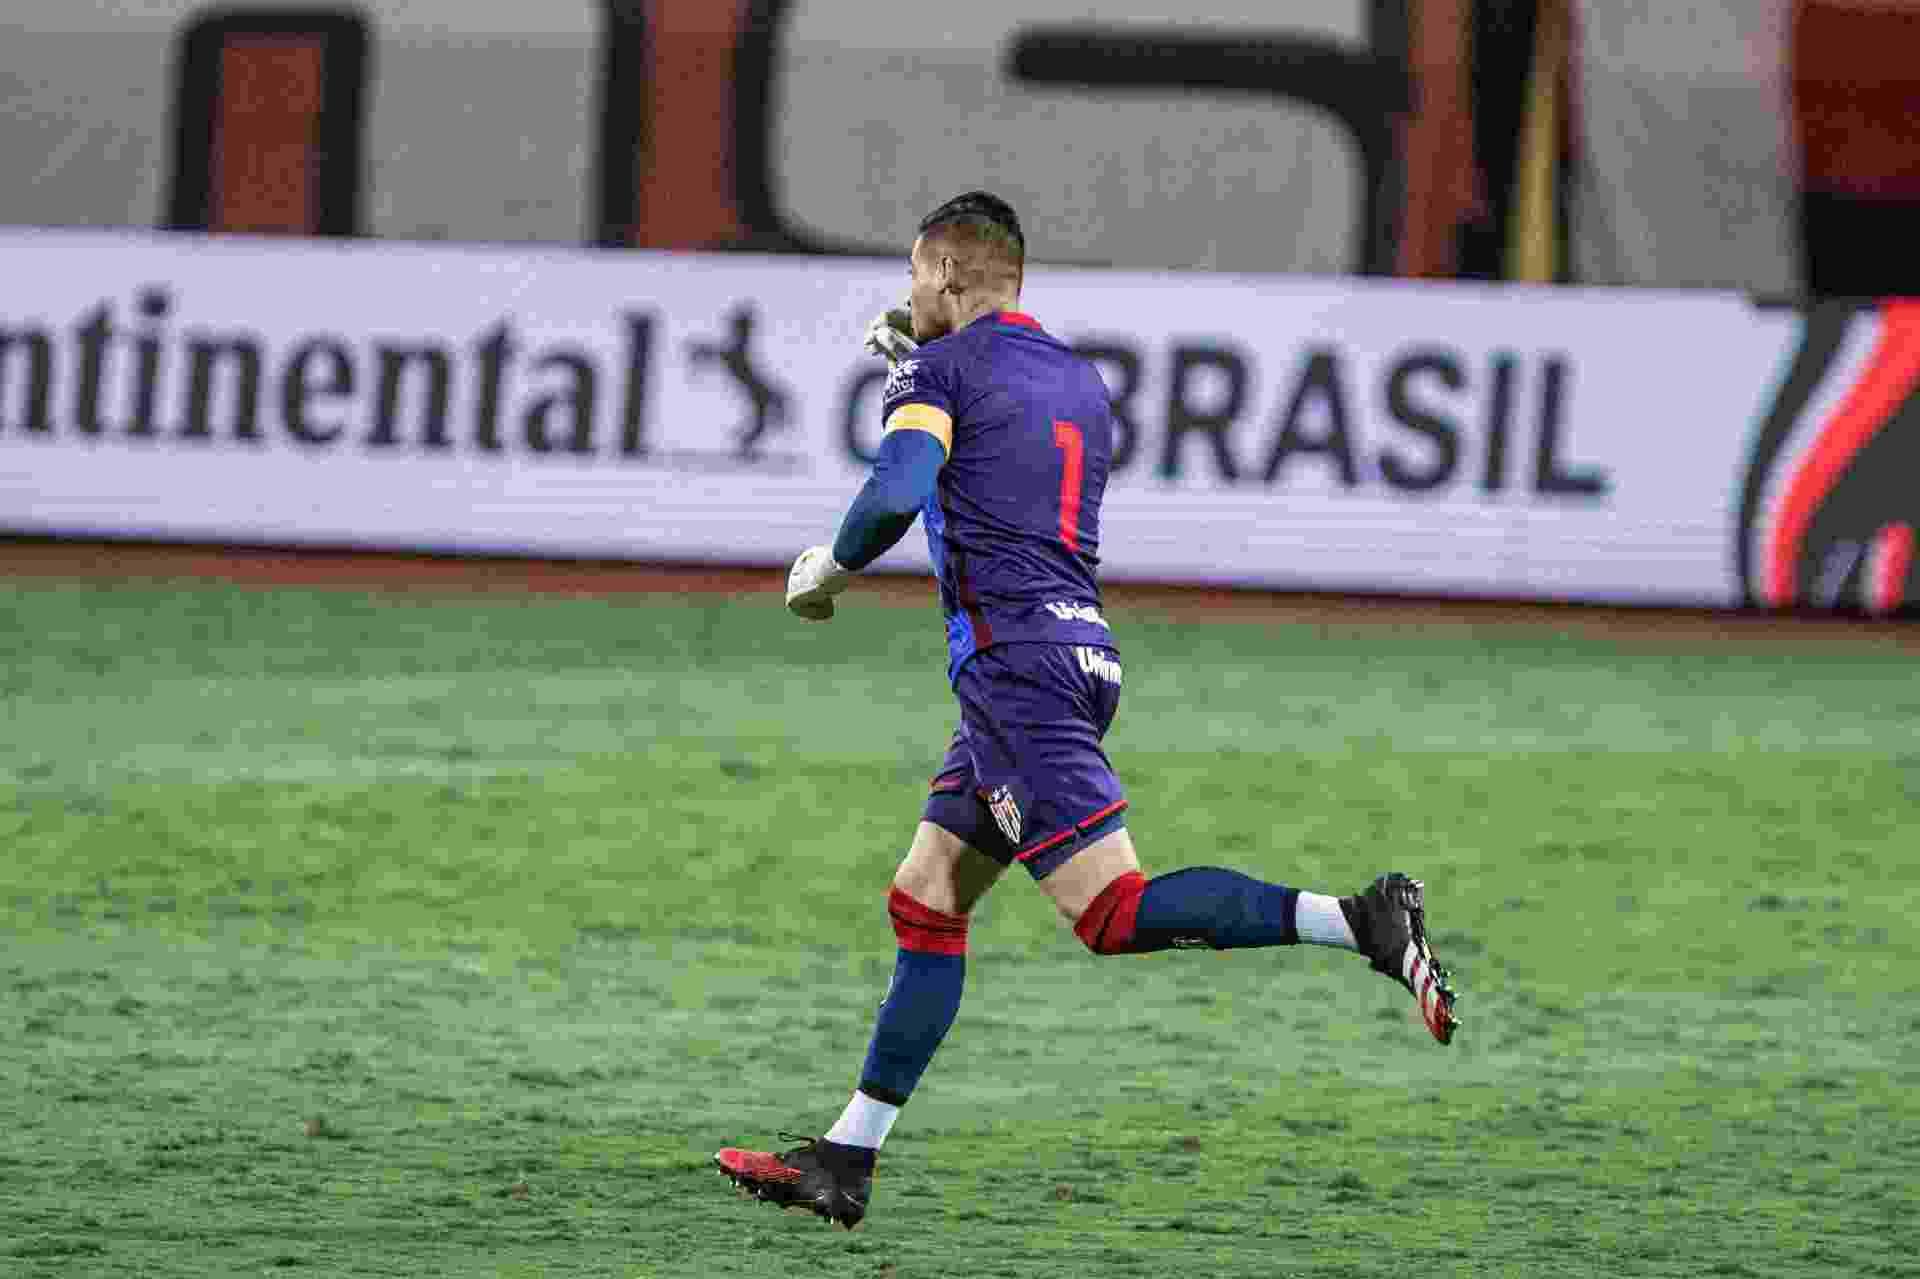 Jean comemora após marcar de pênalti para o Atlético-GO contra o Inter - undefined